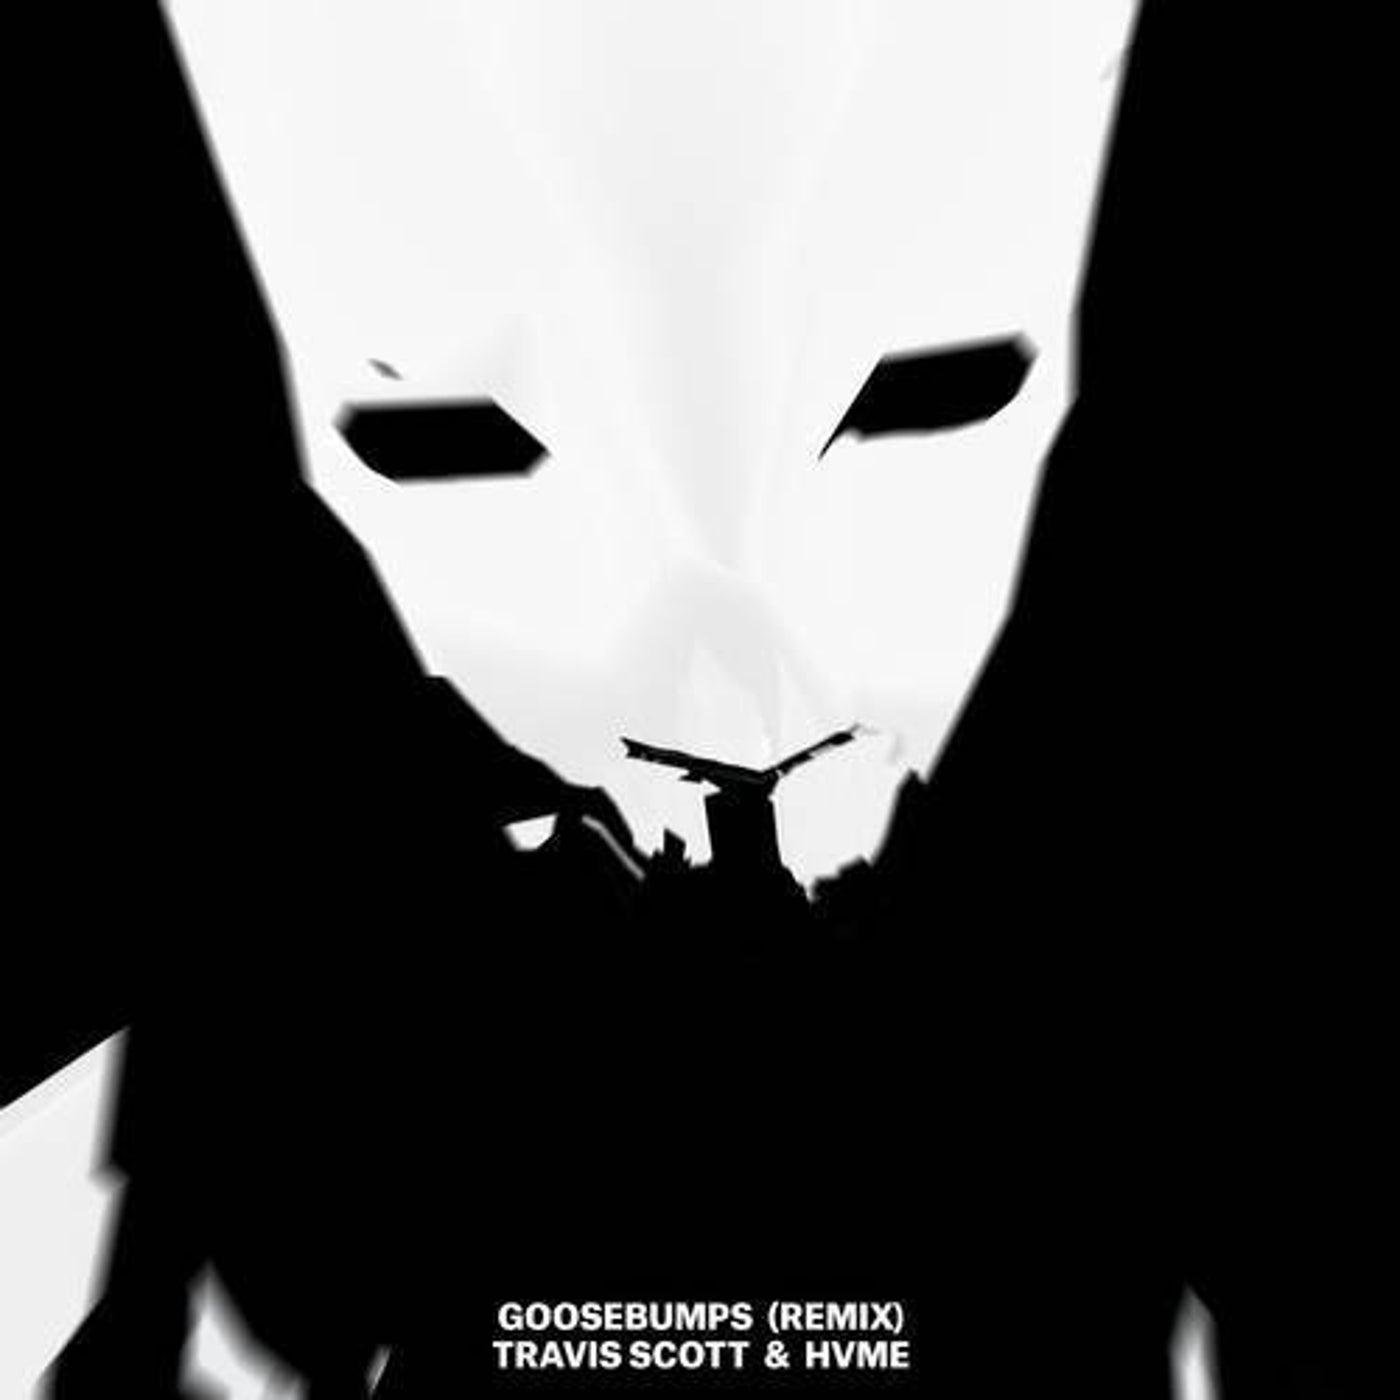 Goosebumps (Remix)